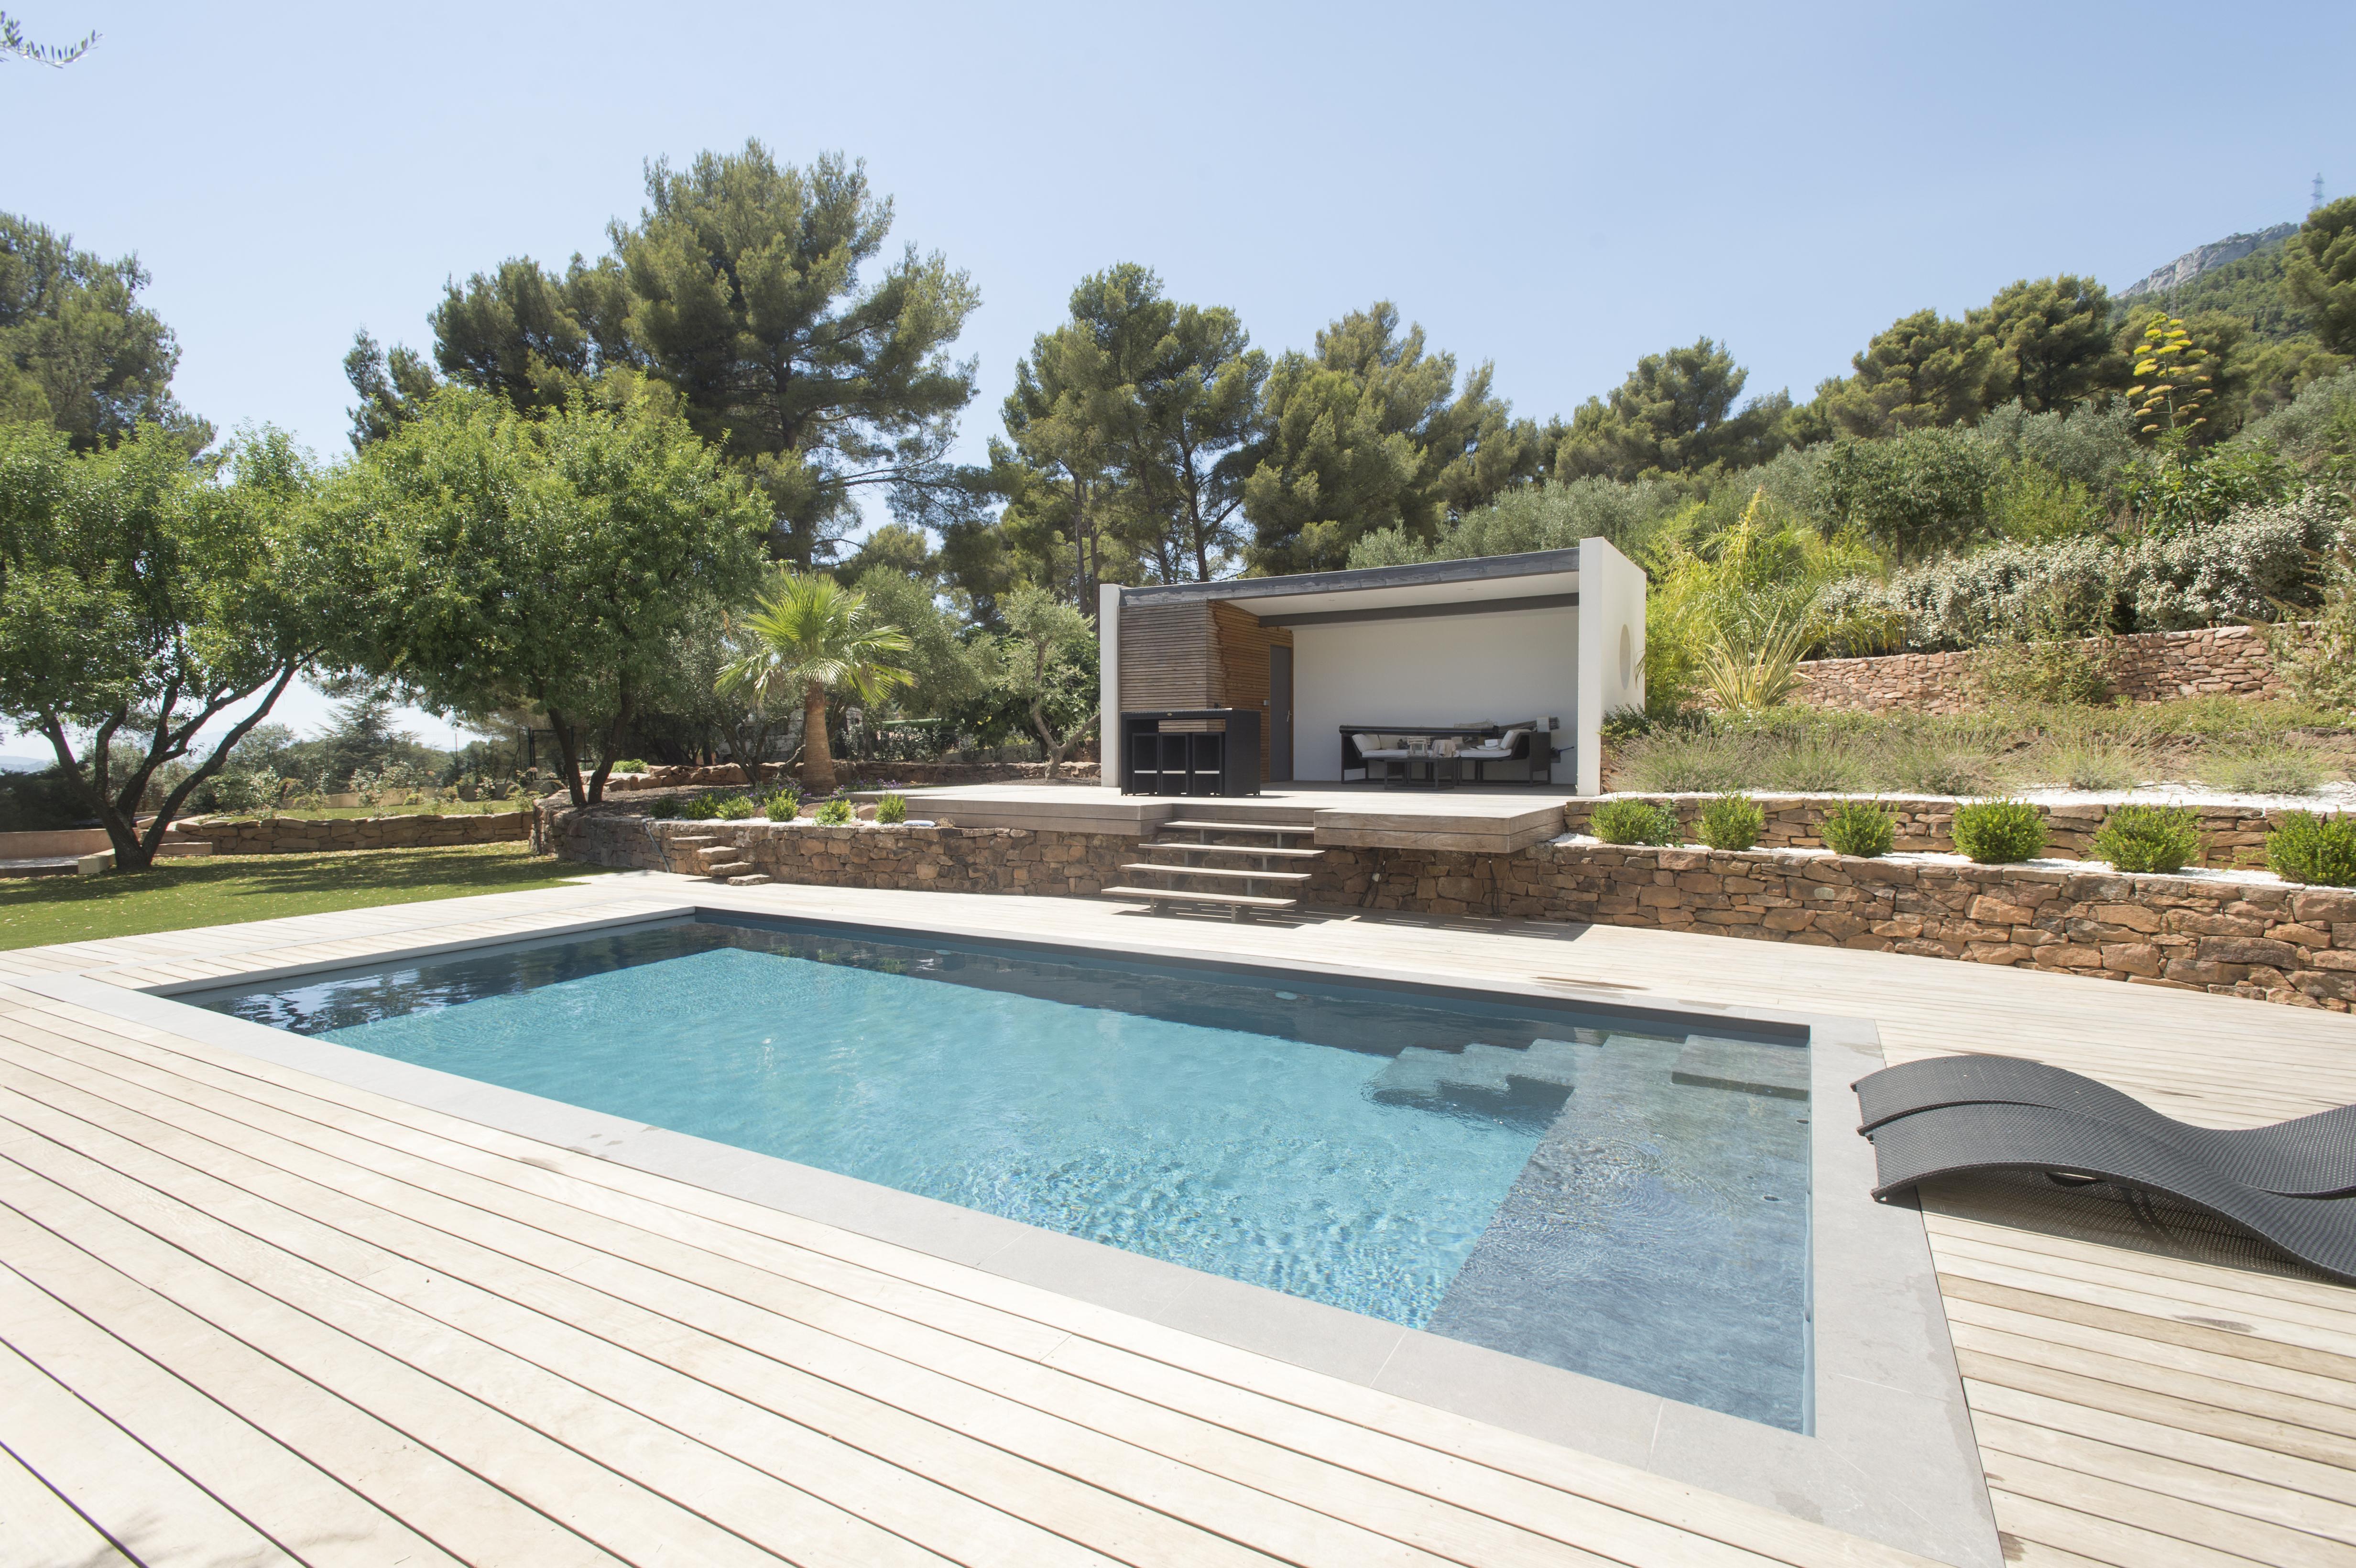 Changer la couleur de l 39 eau de votre piscine for Changer liner piscine prix